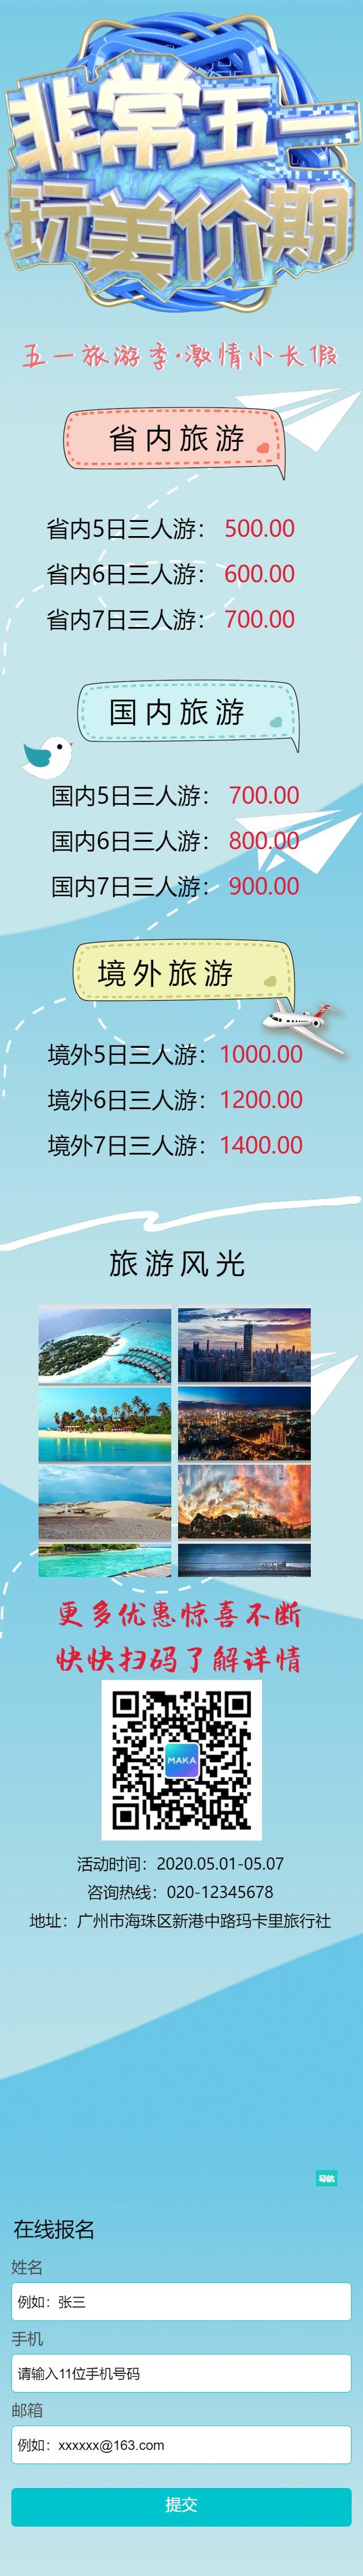 简约清新文艺五一小长假旅游促销活动单页宣传活动推广